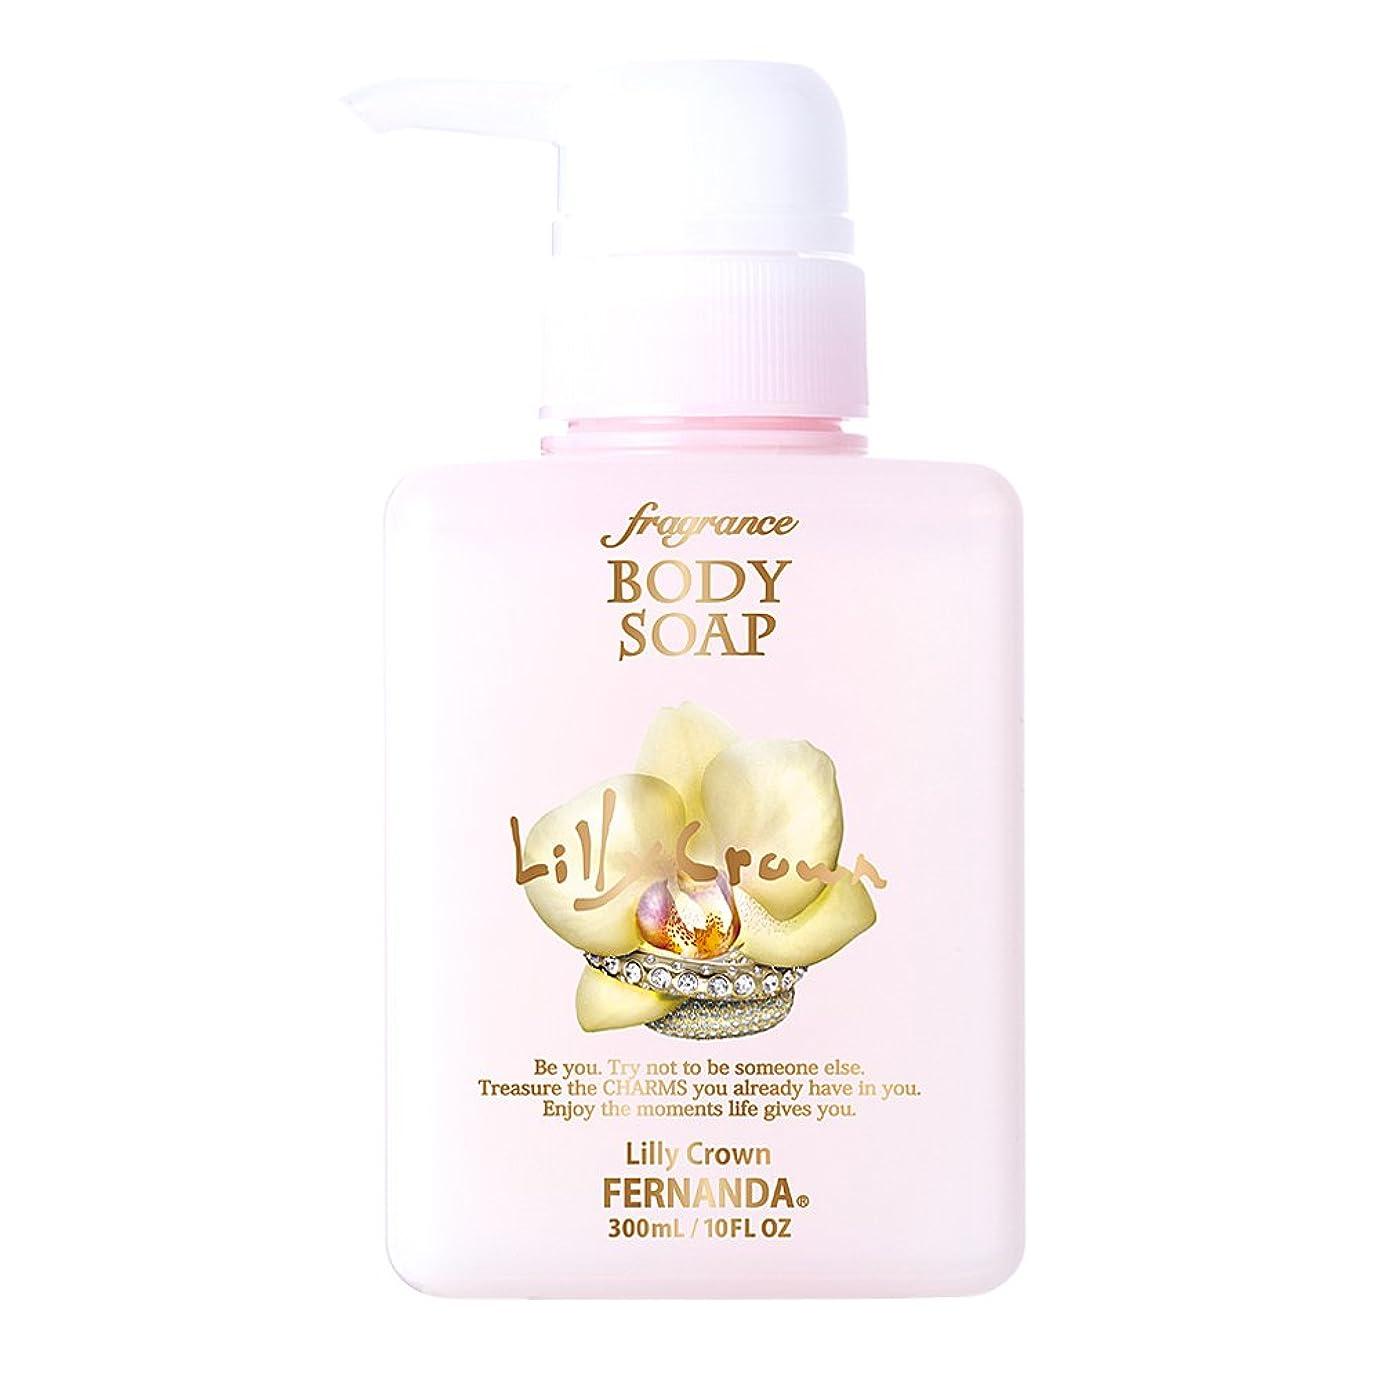 肺まろやかなどっちでもFERNANDA(フェルナンダ) Fragrance Body Soap Lilly Crown (ボディソープ リリークラウン)